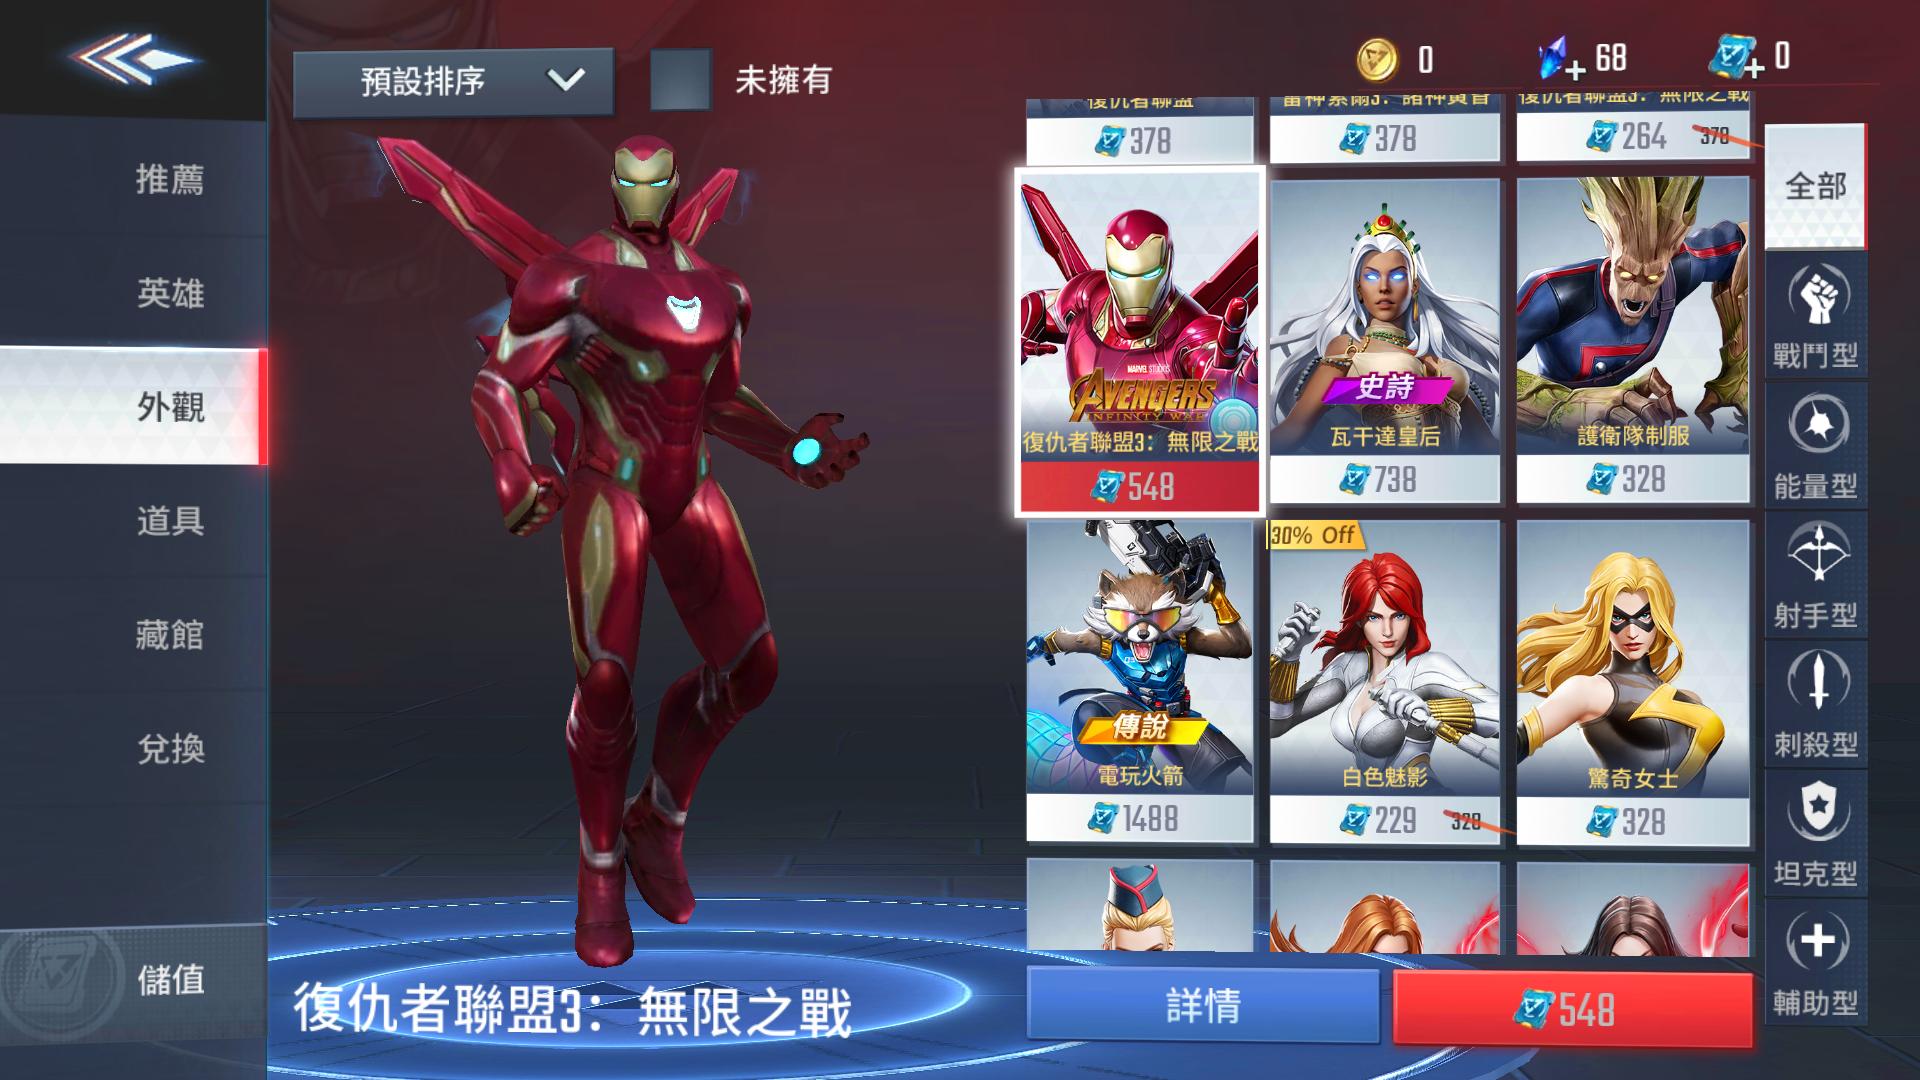 遊戲中的超級英雄3D模組都十分細膩